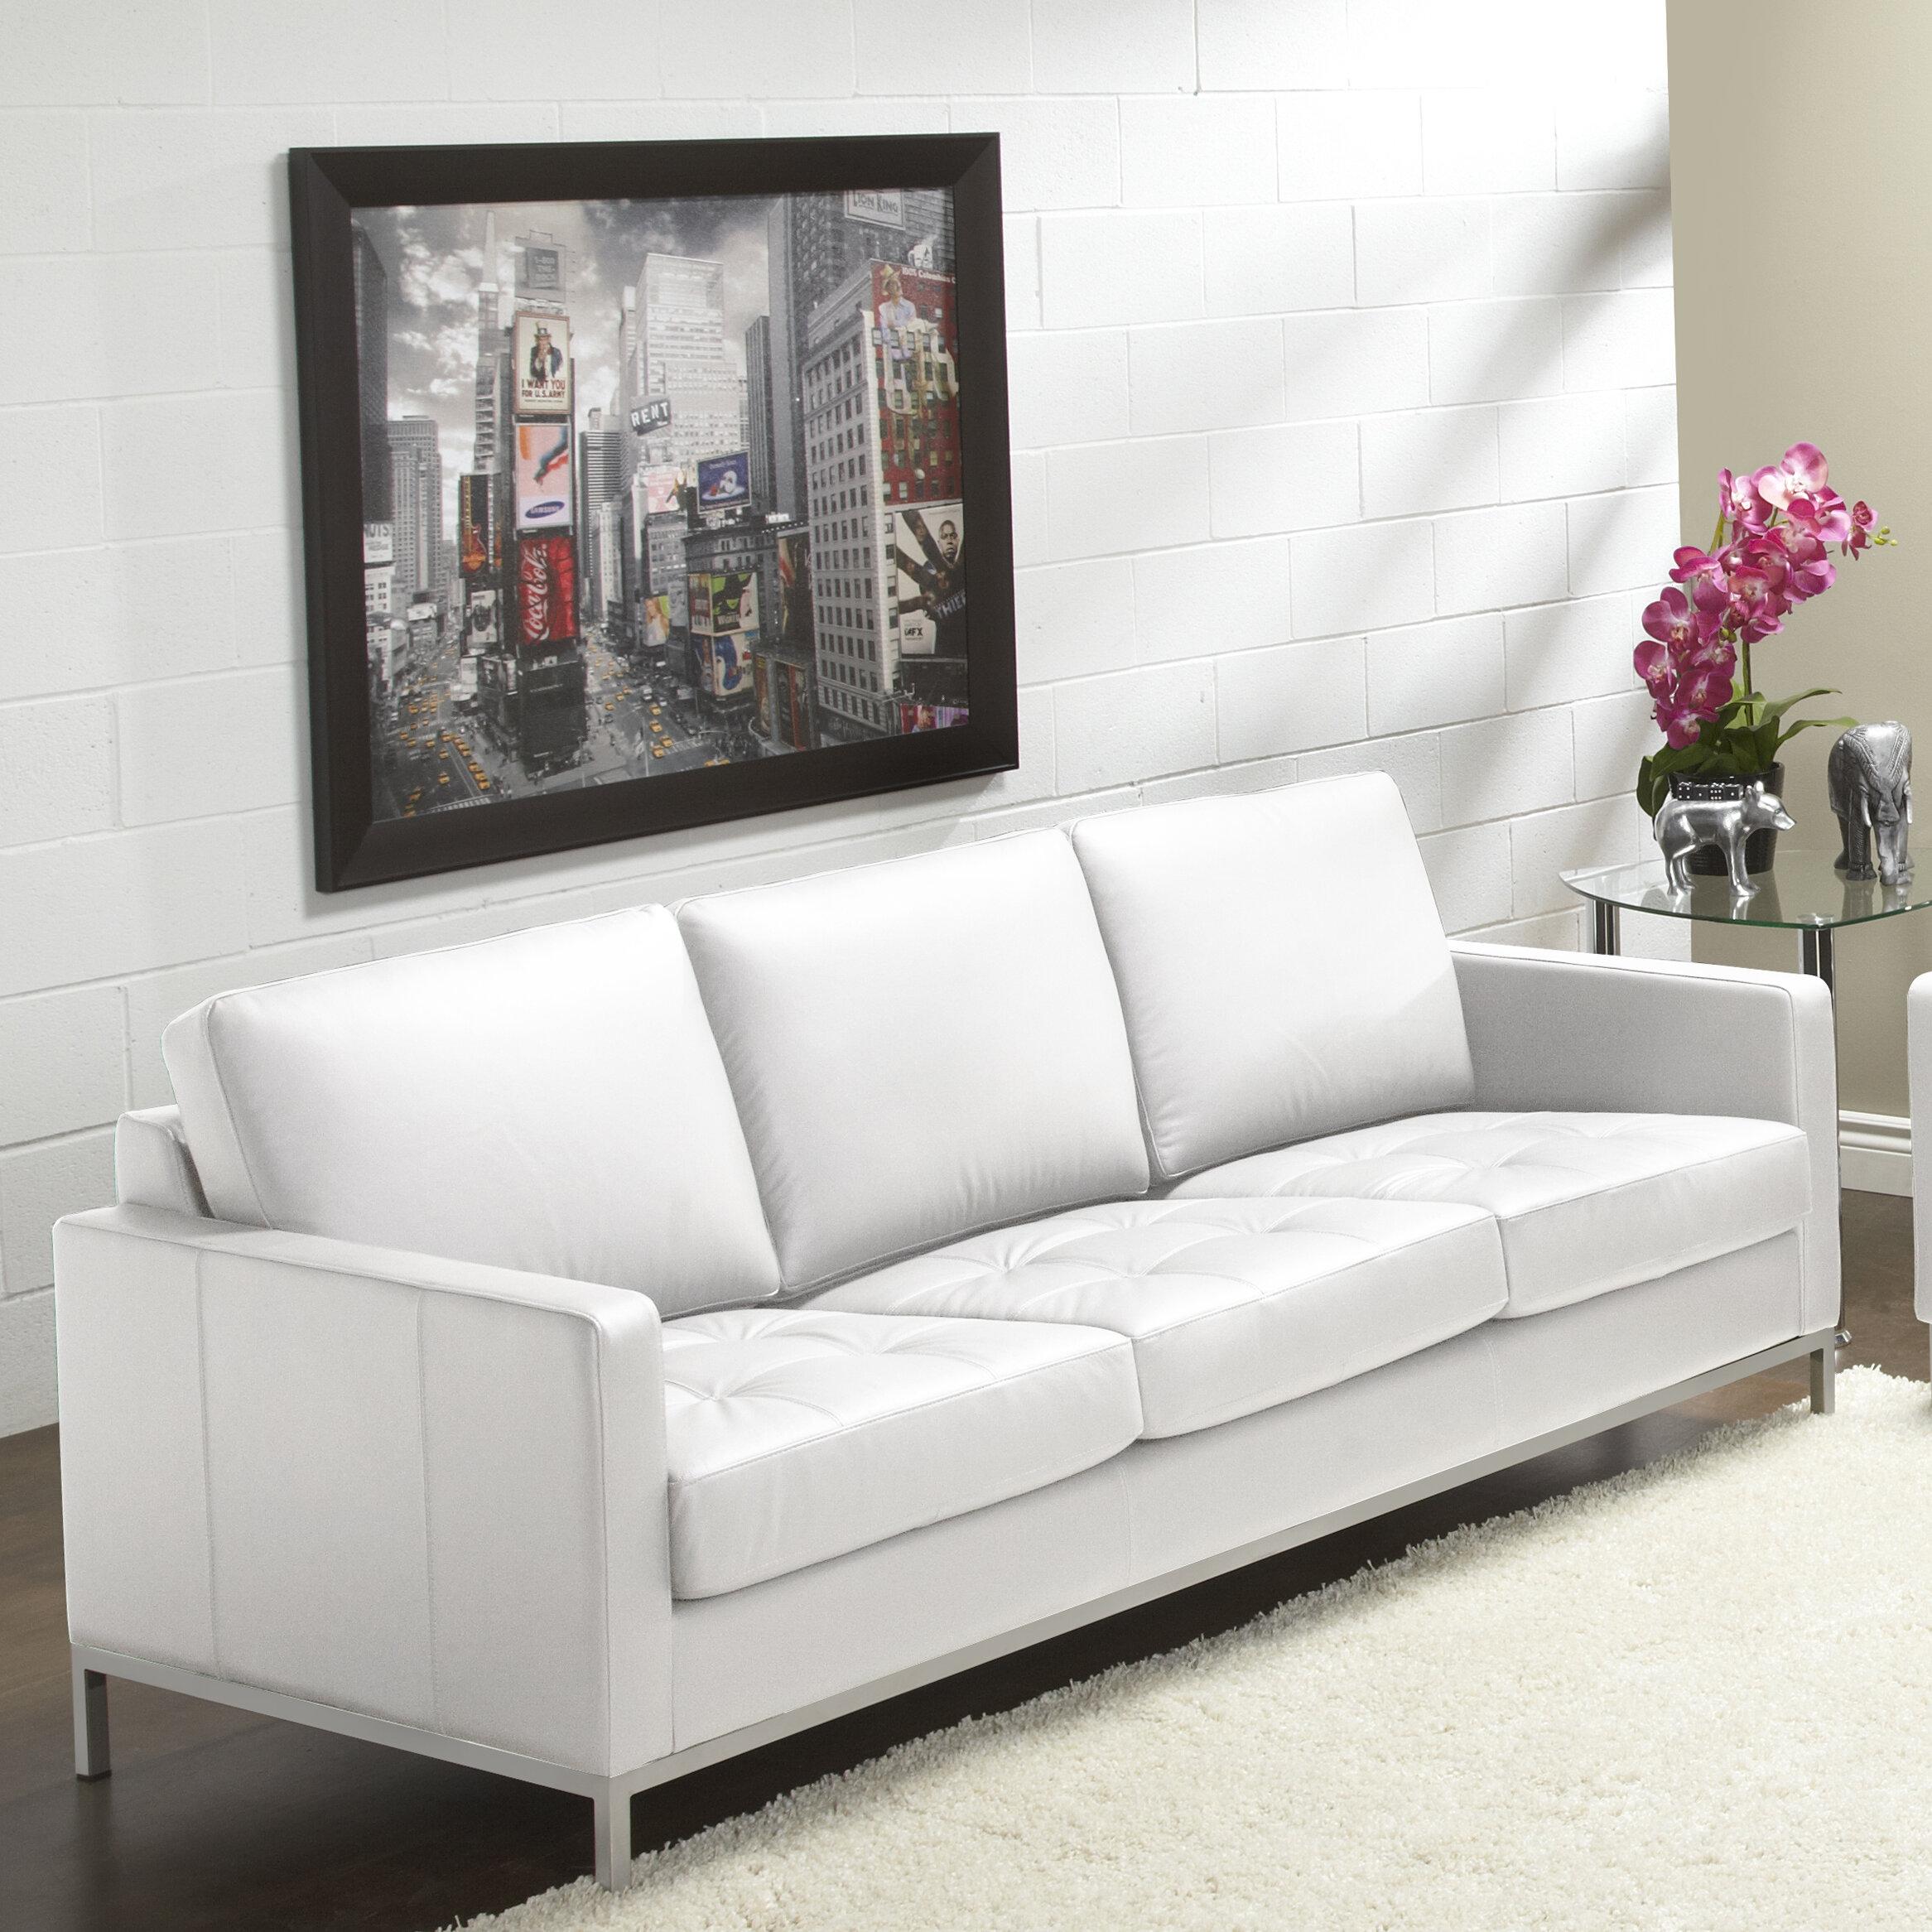 Lind Furniture 244 Series Regency Leather Sofa | Wayfair